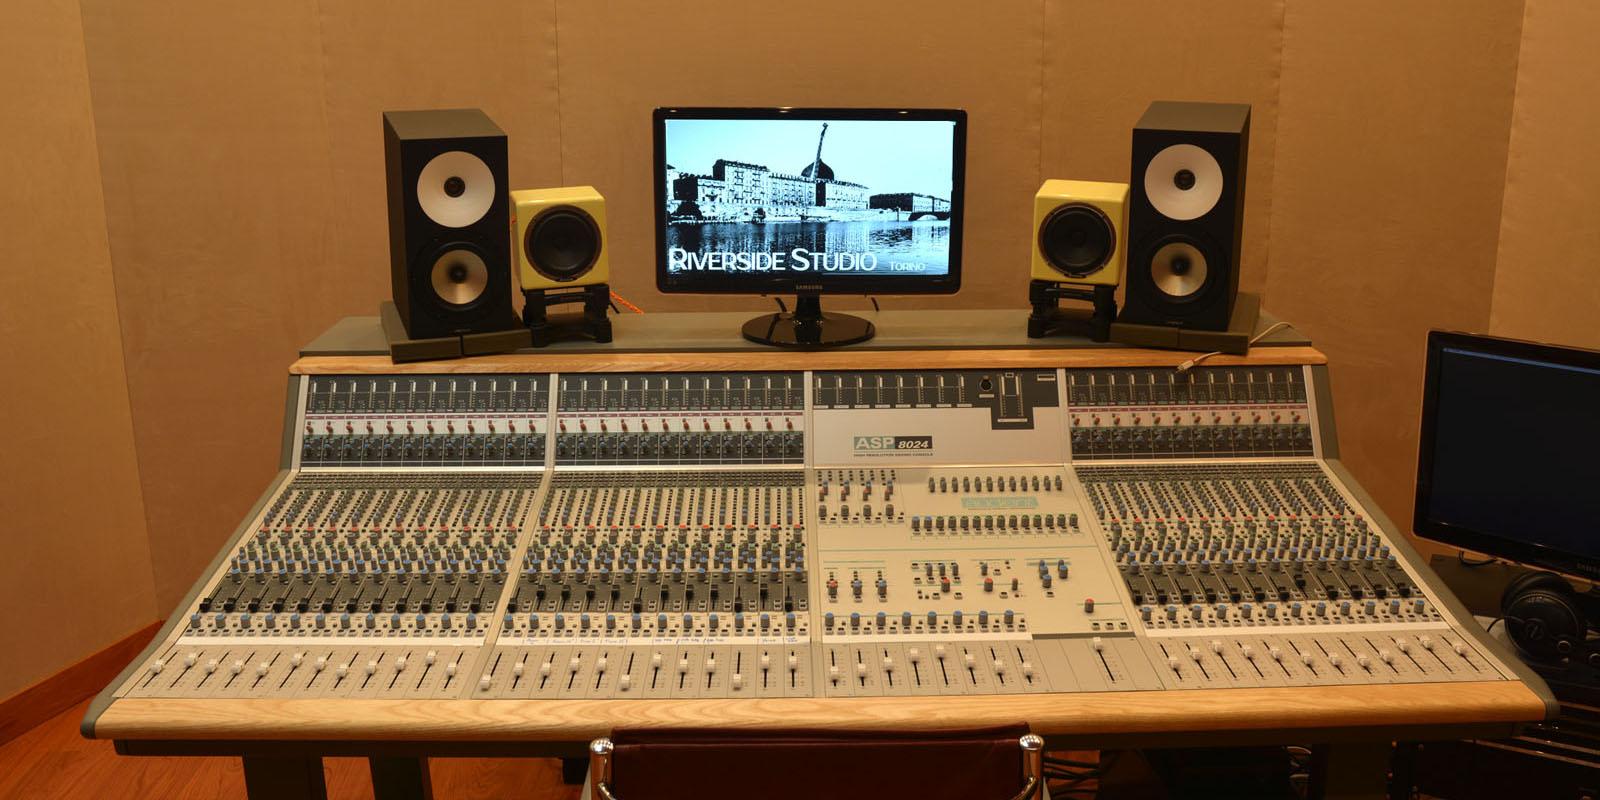 Riverside studio studio di registrazione torino - Studio di registrazione casalingo ...